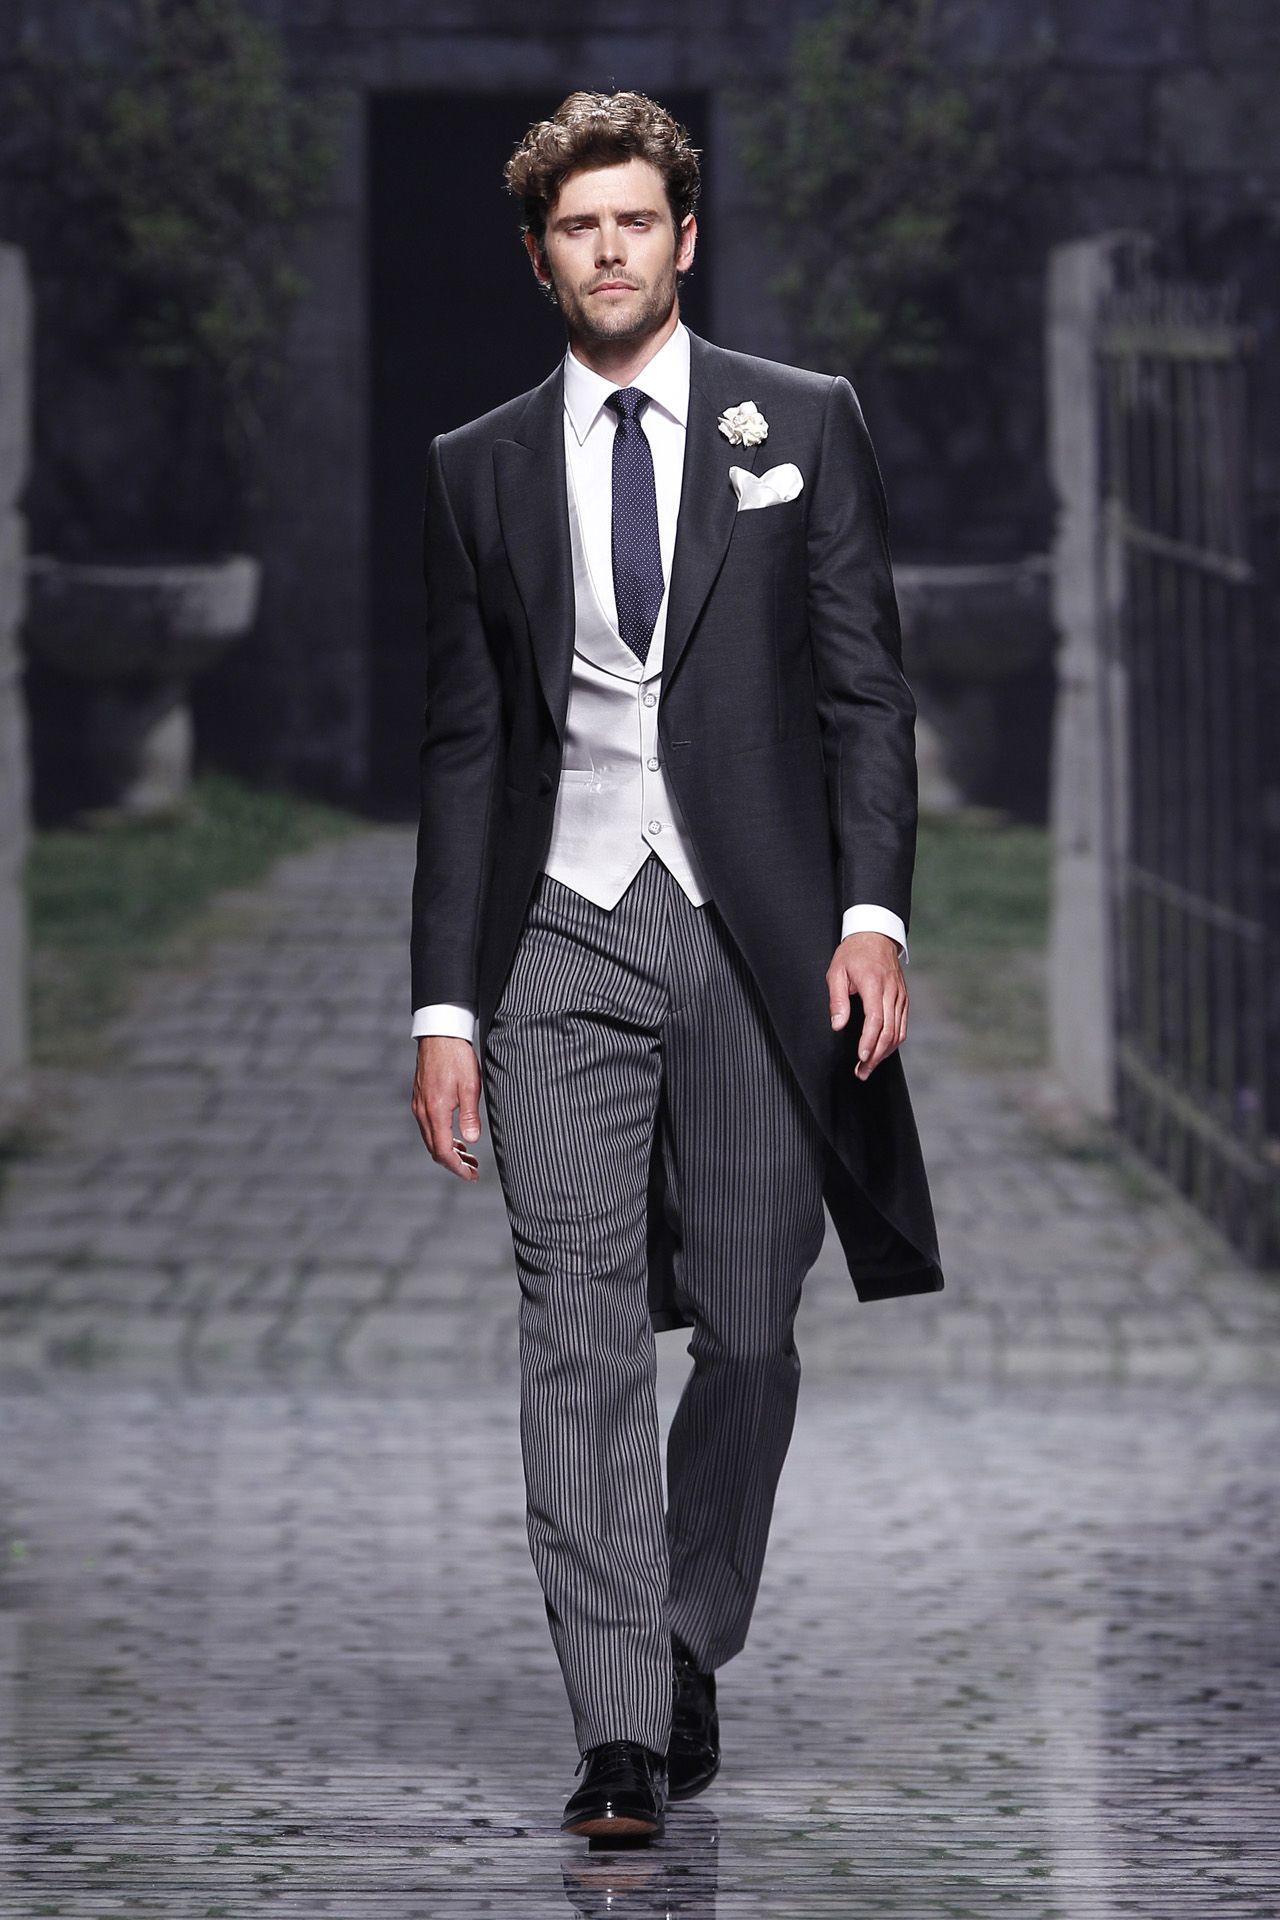 Best Men\'s Wedding & Morning Suits (BridesMagazine.co.uk ...